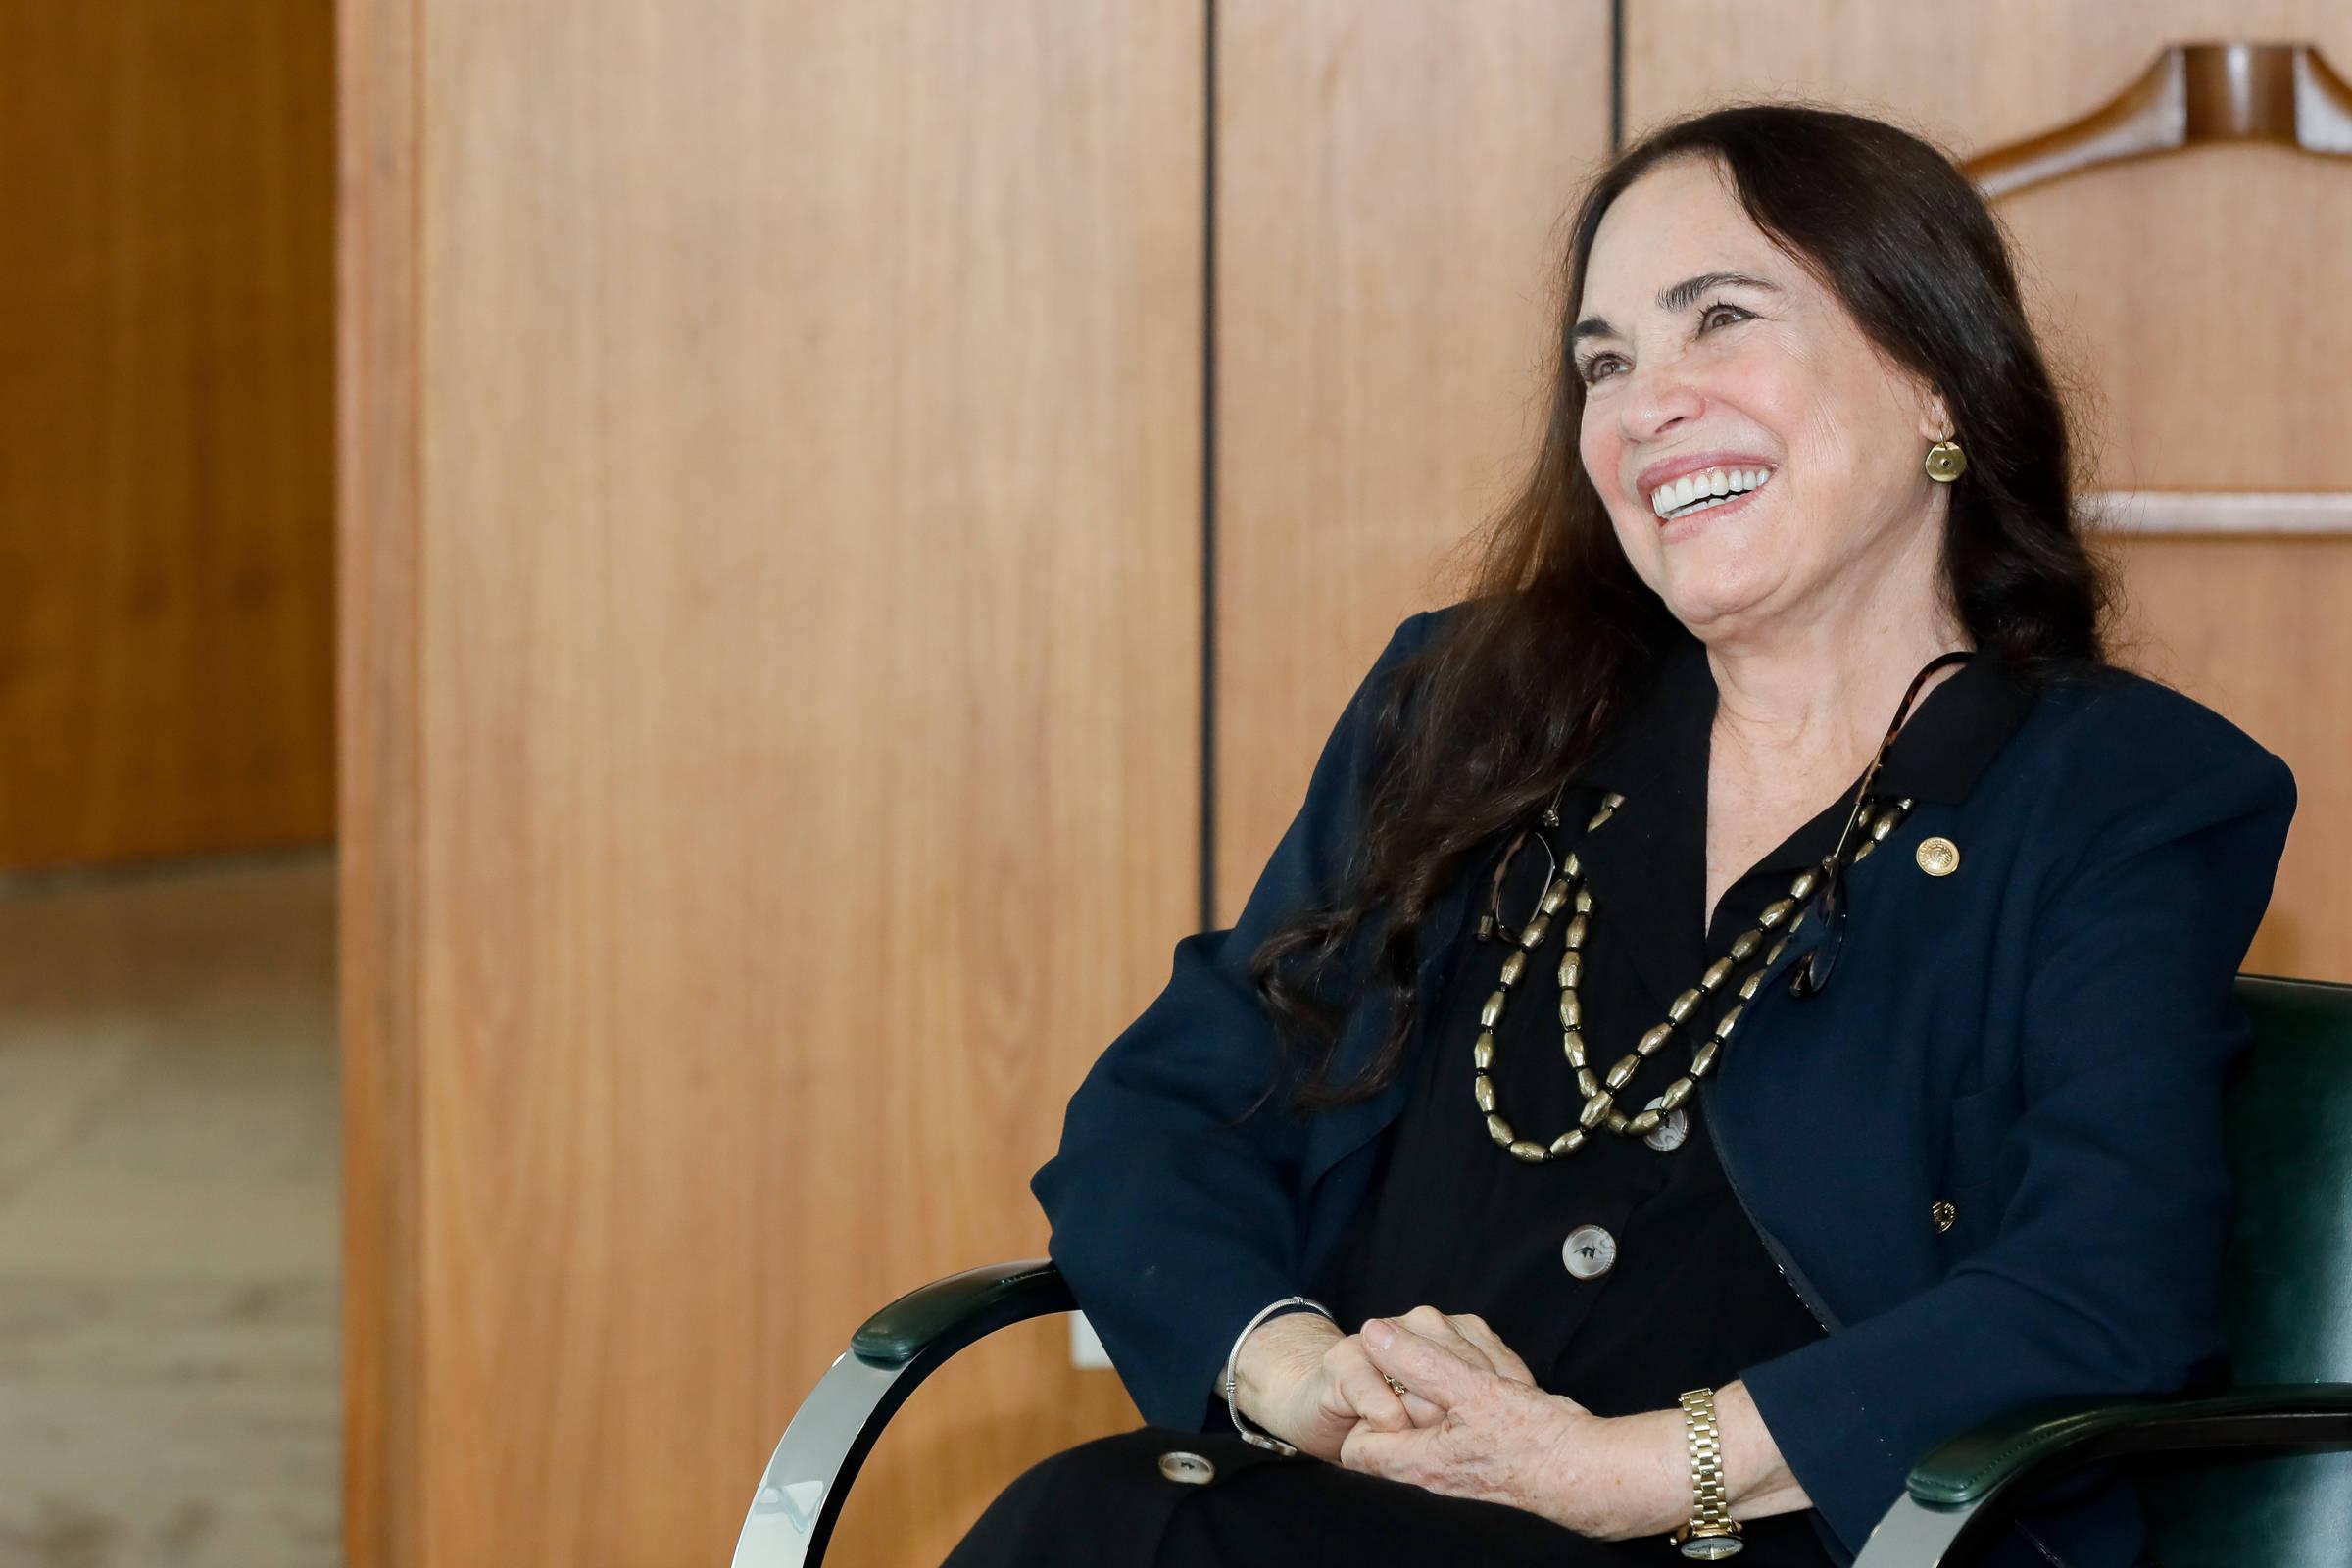 Regina Duarte dá chilique ao vivo na TV ao ouvir críticas à sua gestão